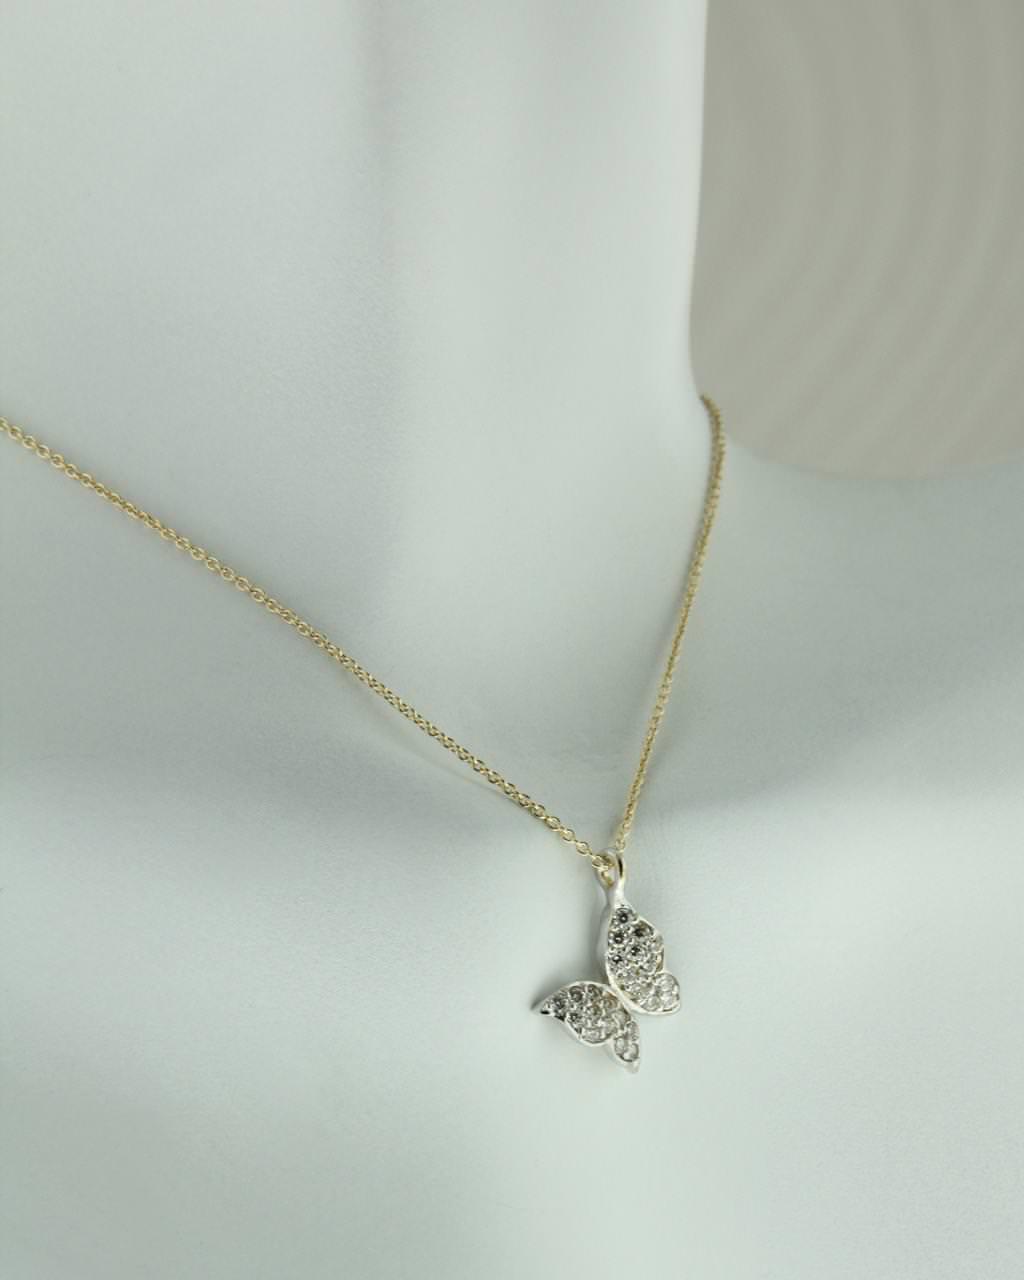 Κολιέ Κίτρινο Χρυσό Πεταλούδα Με Λευκά Ζιργκόν   κοσμηματα κρεμαστά κολιέ κρεμαστά κολιέ χρυσά